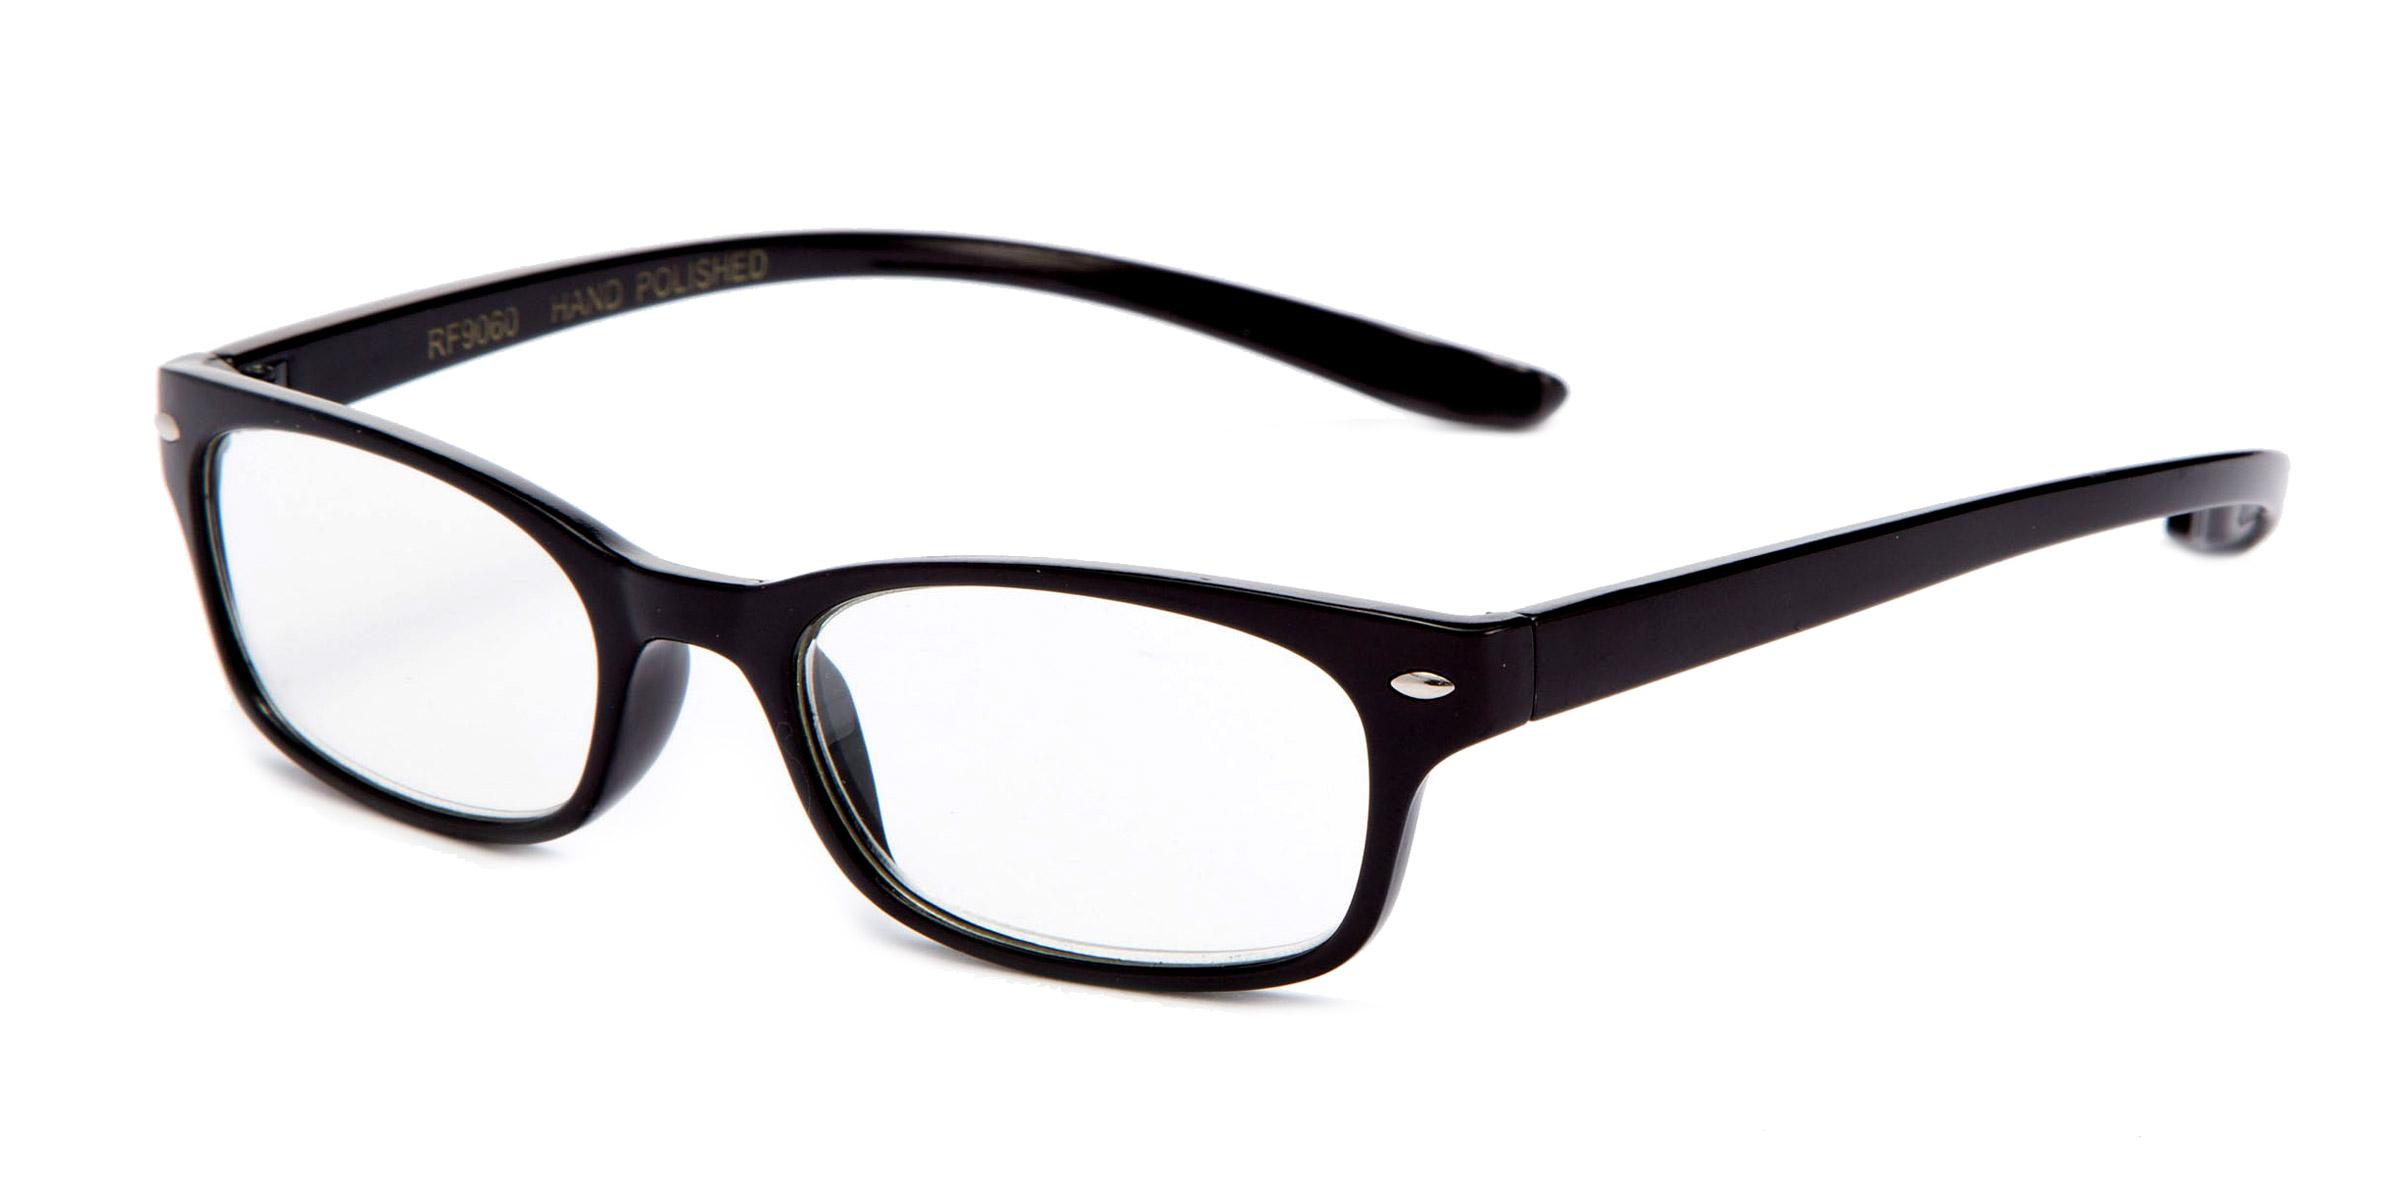 wraparound reading glasses wraps around neck